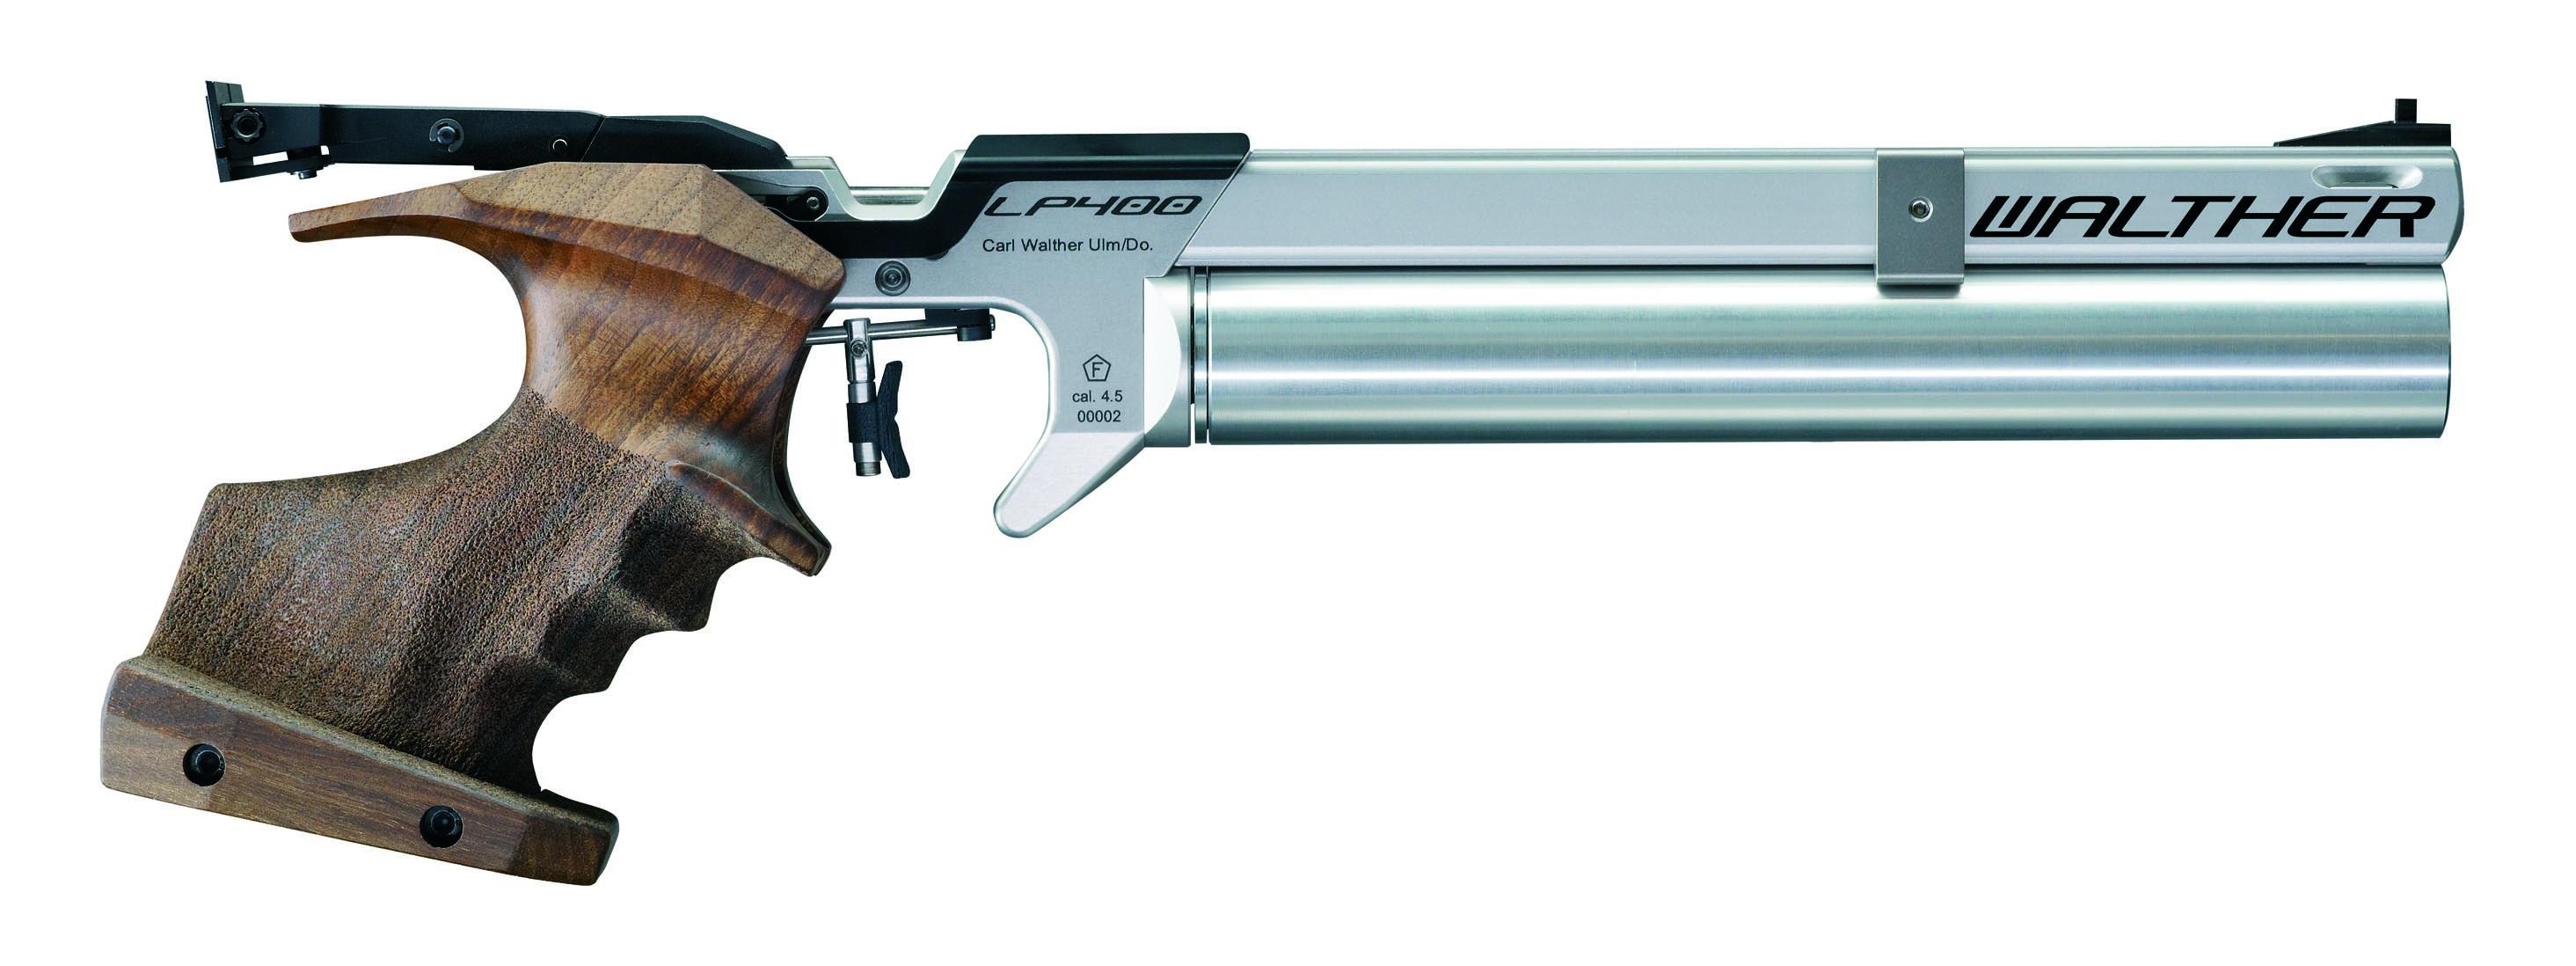 Пистолет LP400